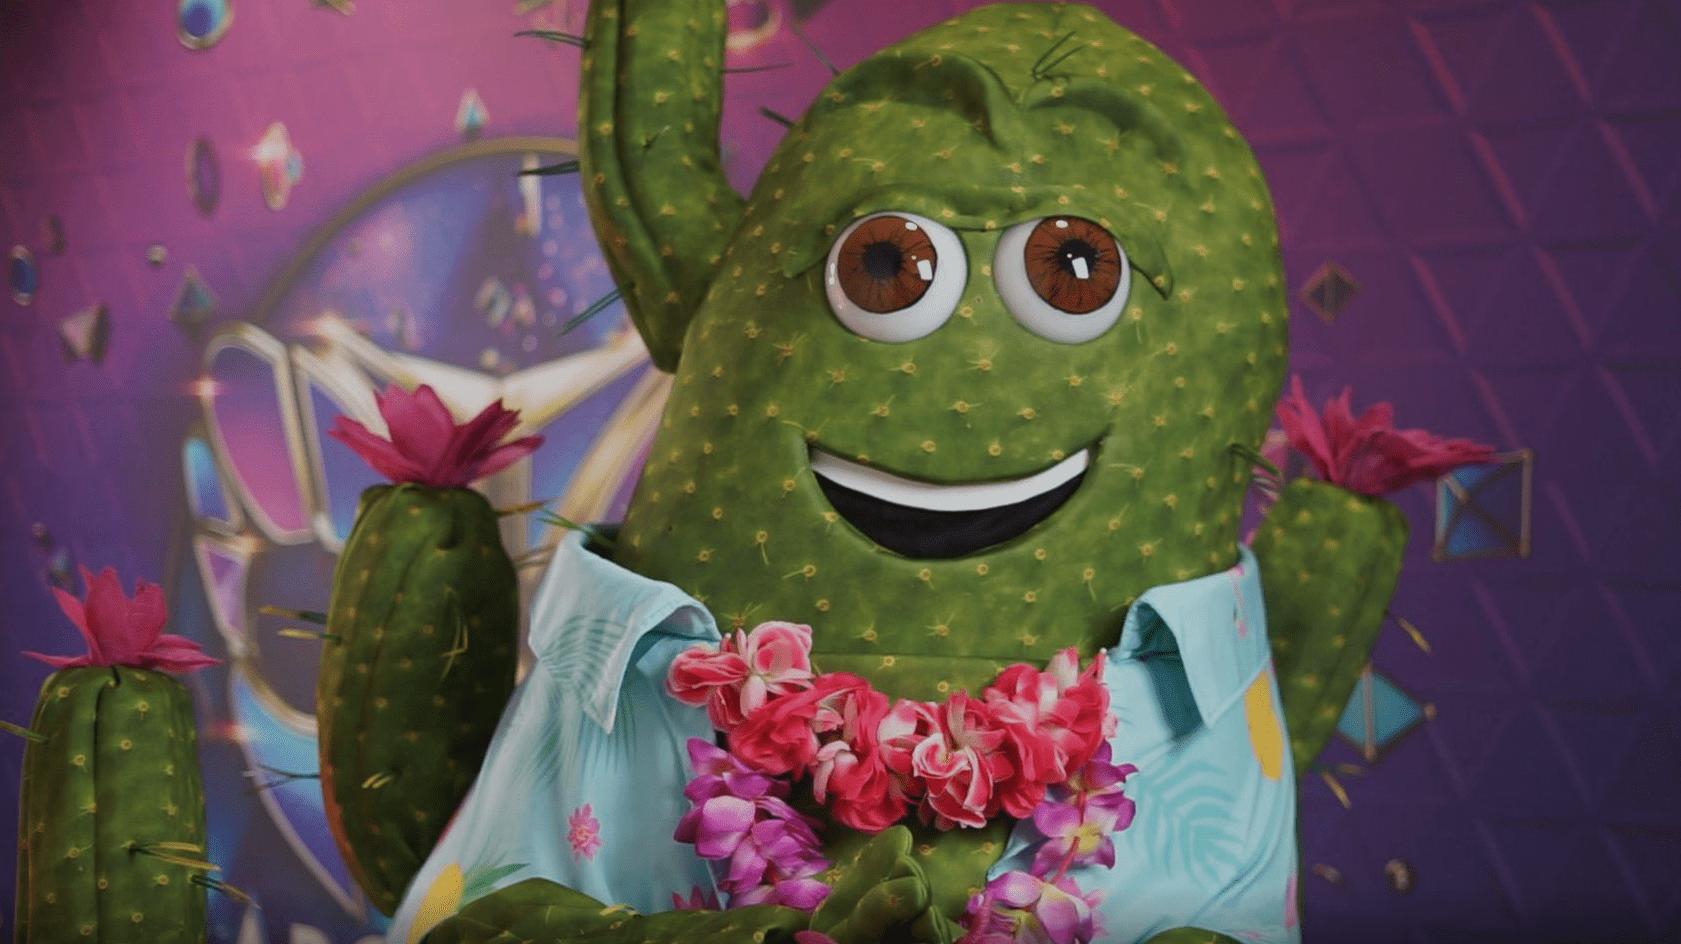 A kaktusz mentheti meg az emberiséget